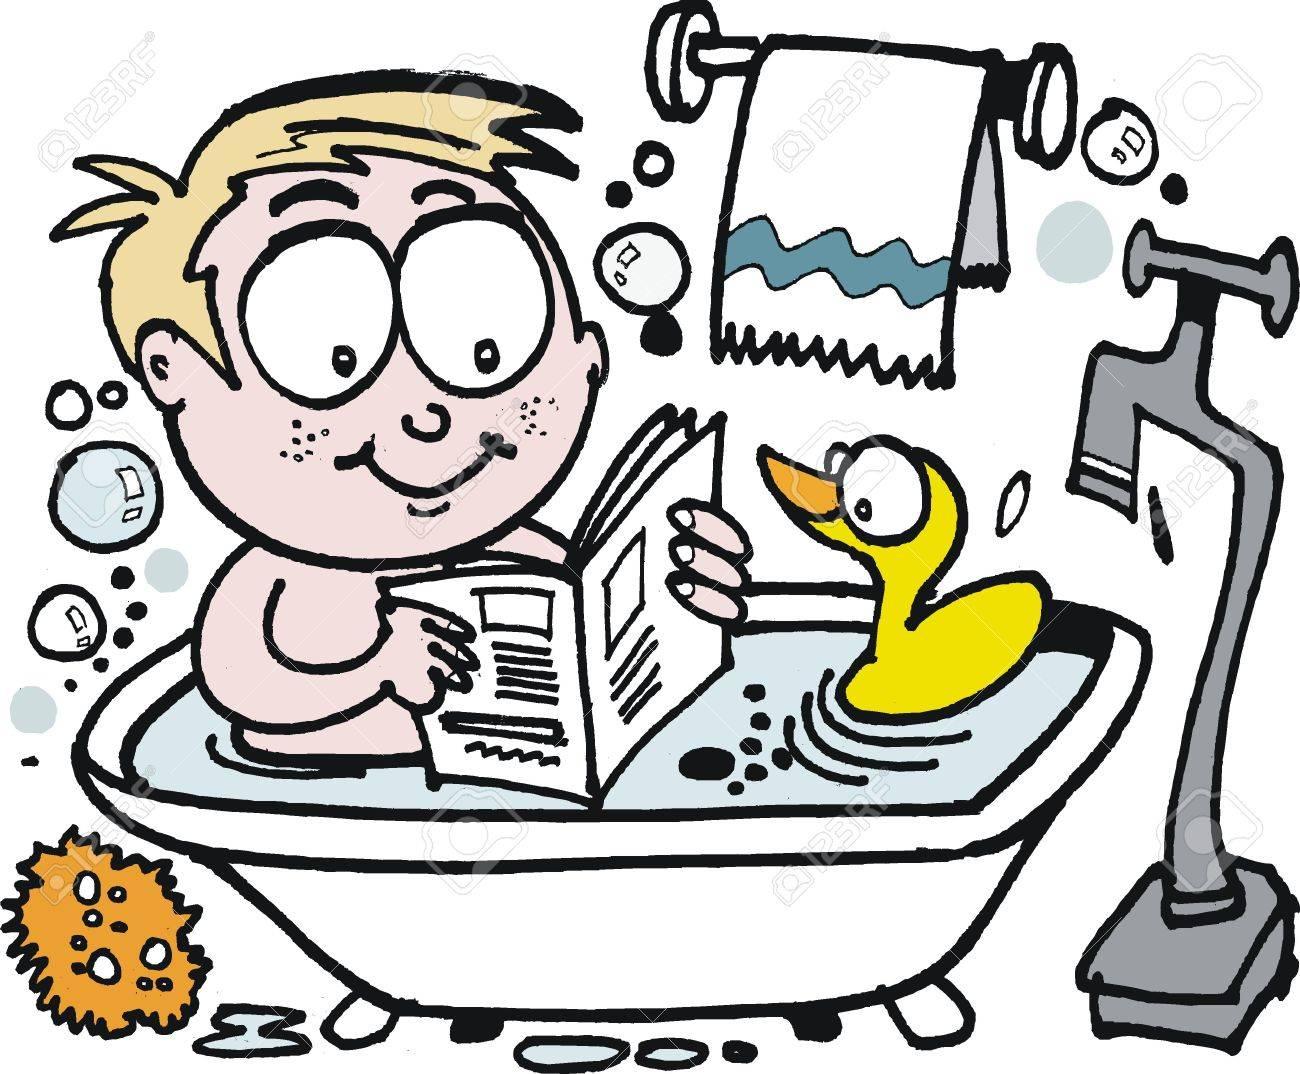 목욕 시간에 책을 읽어주세요